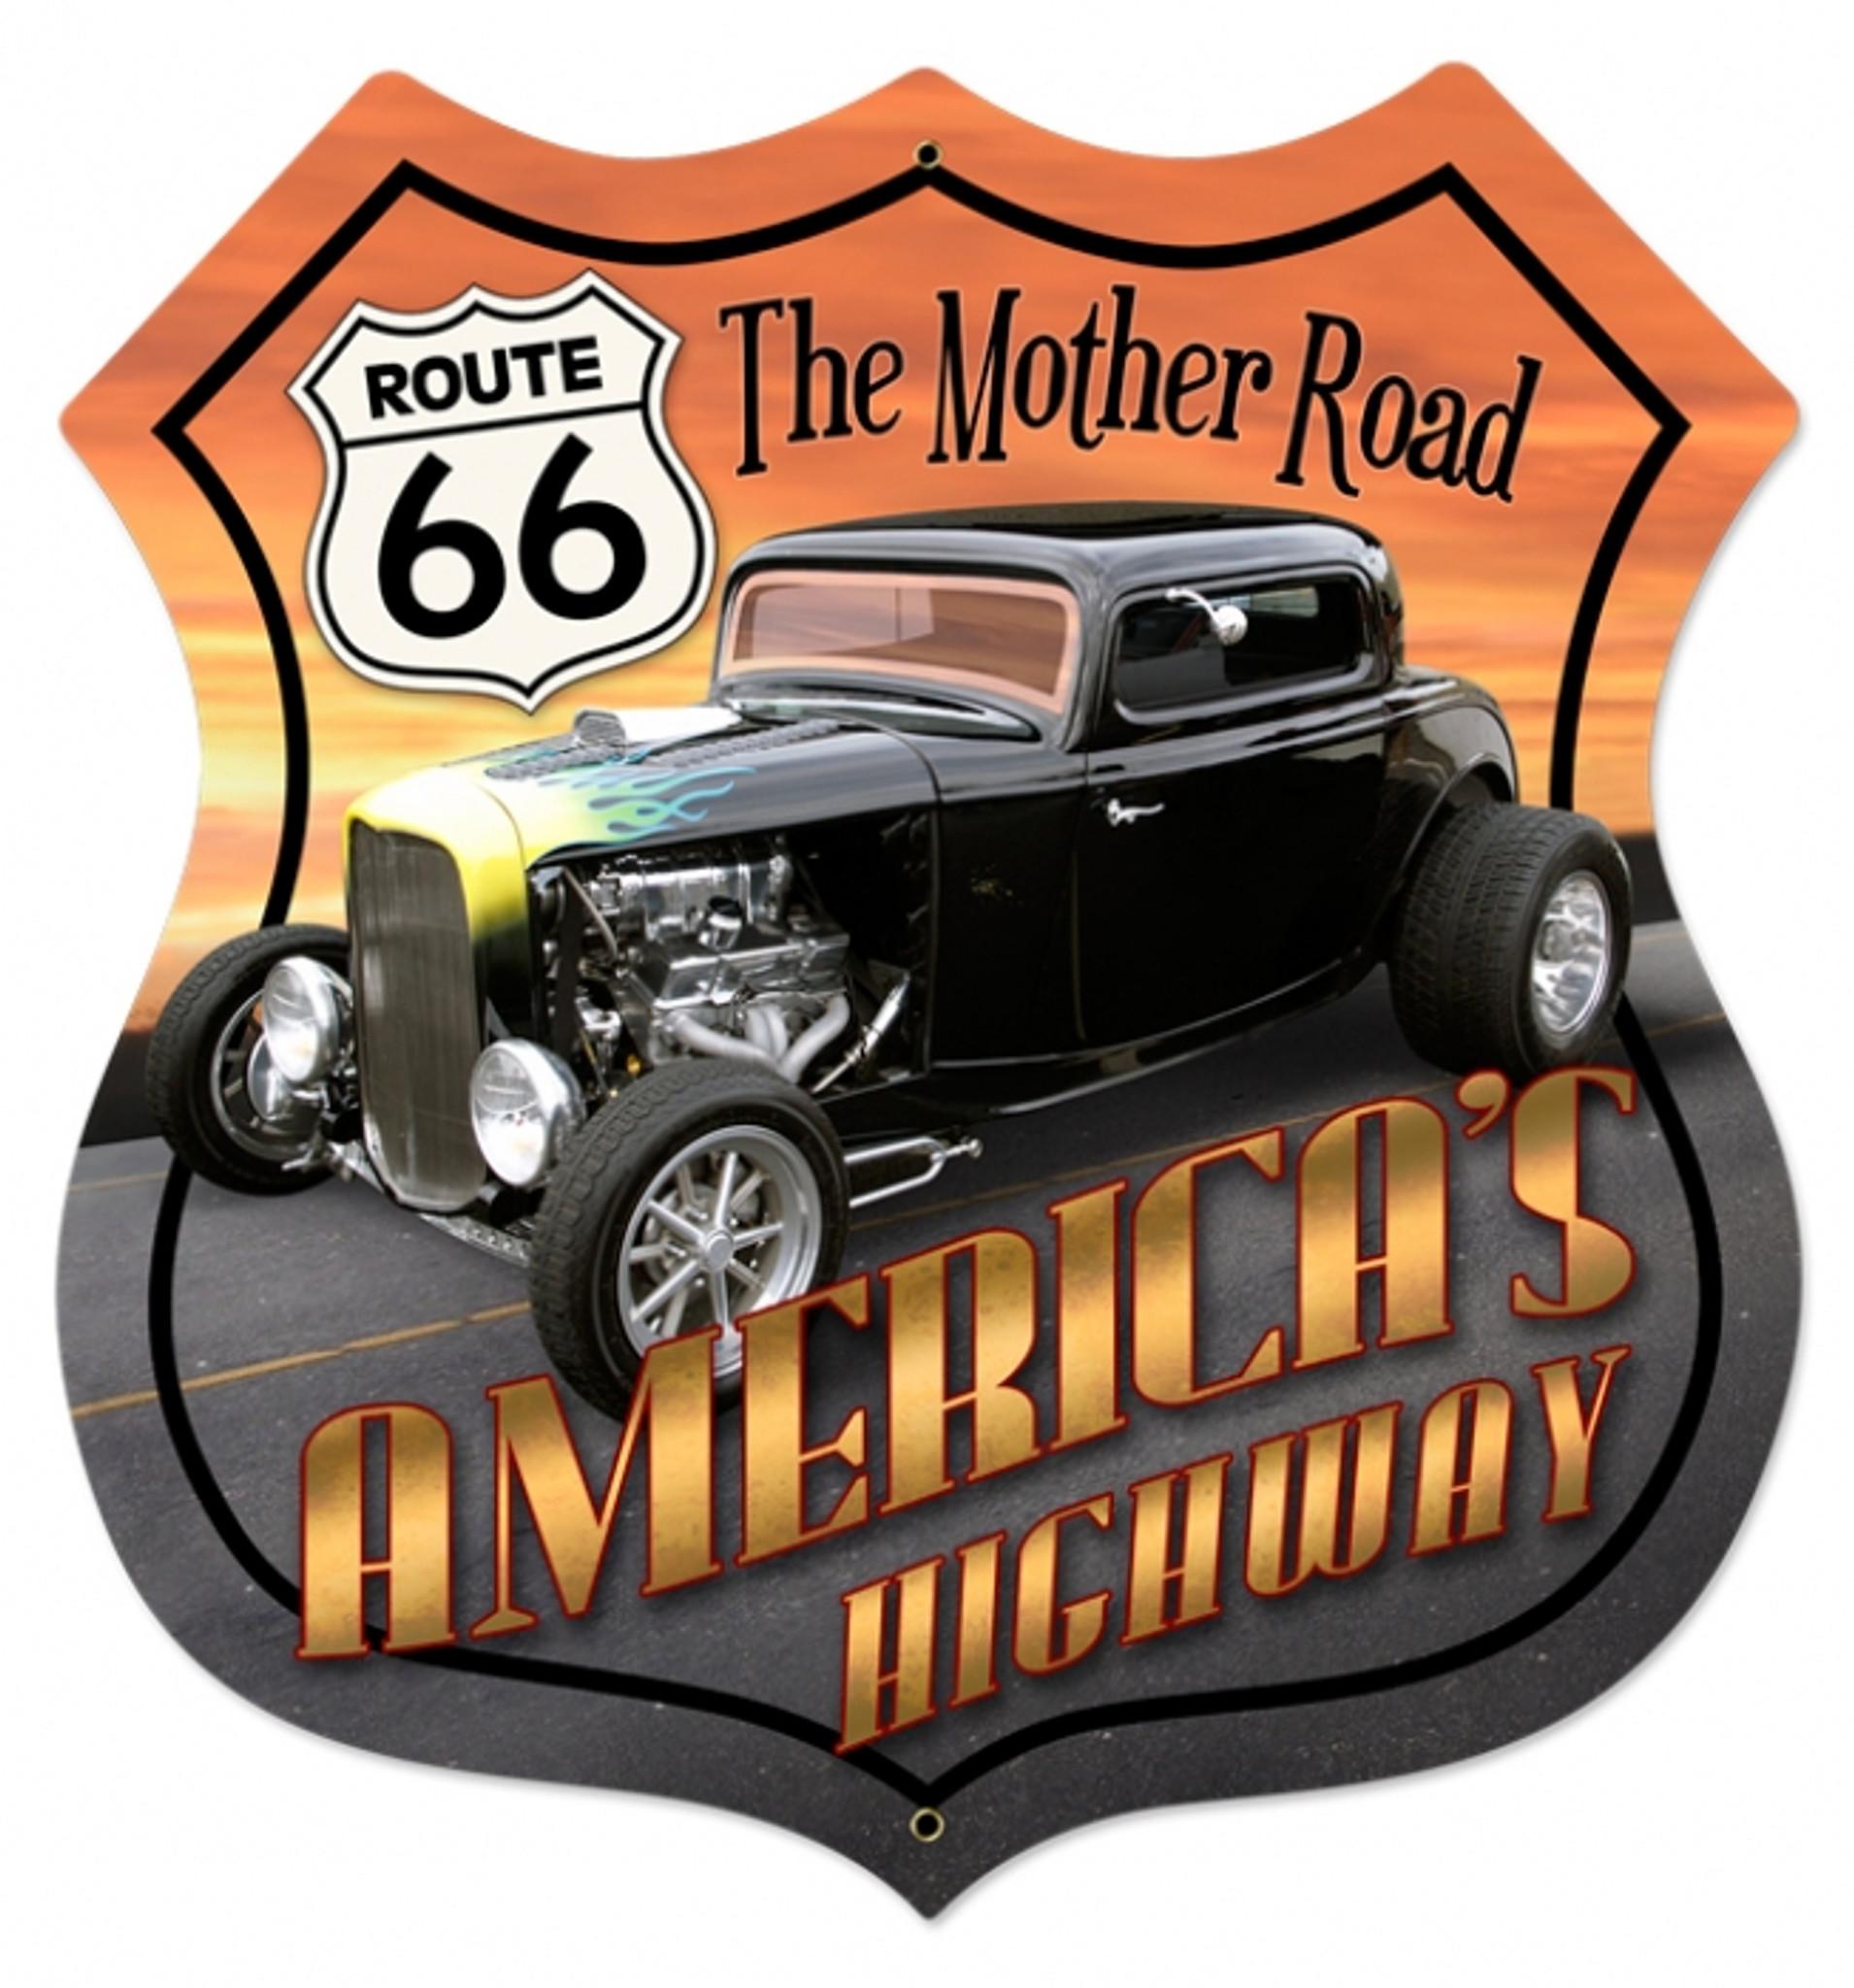 Ruta 66 Cruise America Letrero De Metal ga